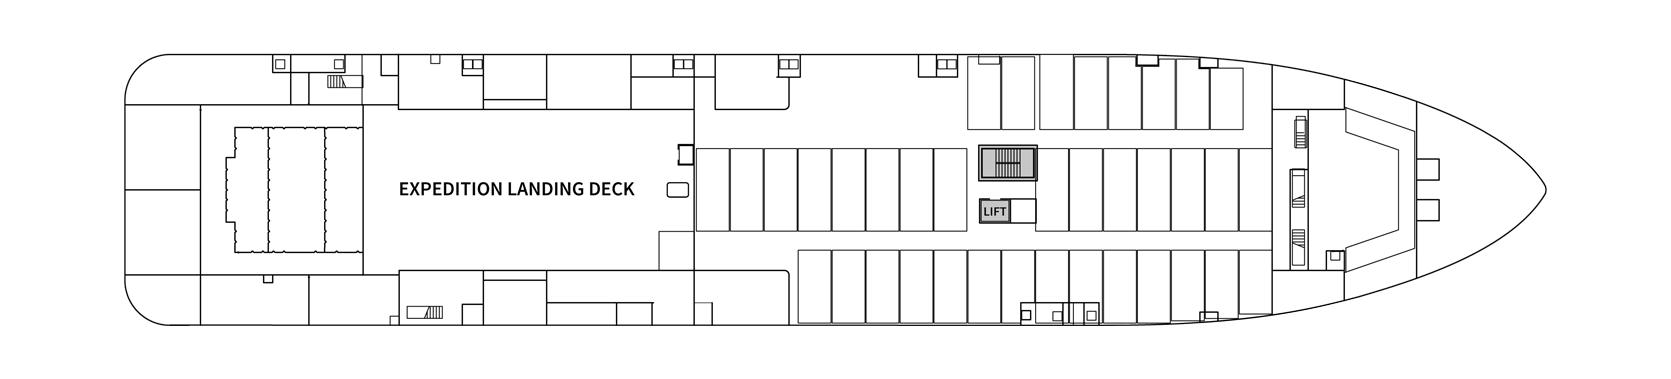 Hurtigruten MS Spitsbergen Deck Plans Deck 3.png